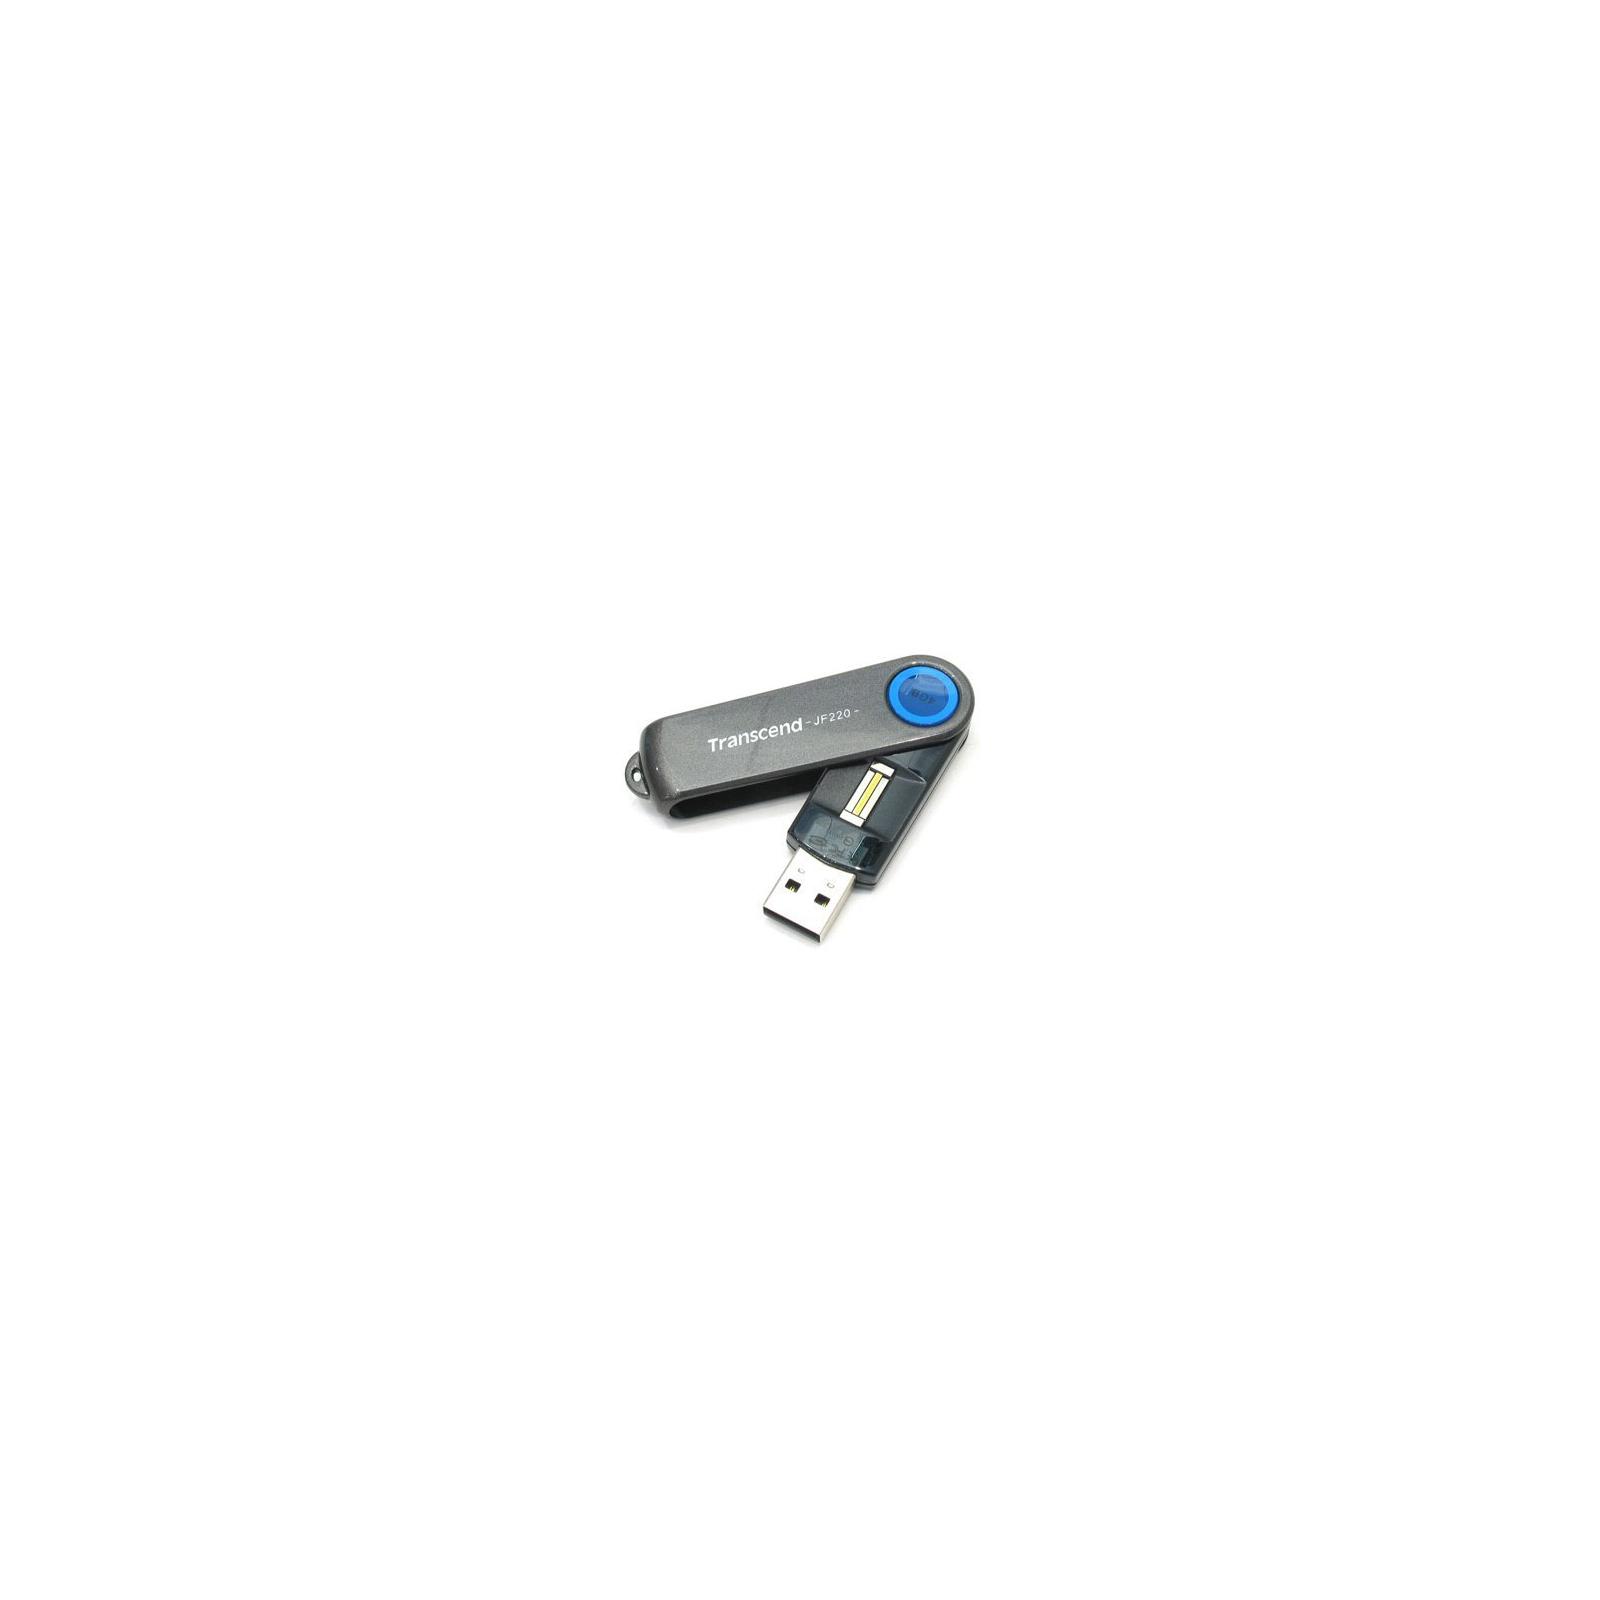 USB флеш накопитель 4Gb JetFlash 220 Transcend (TS4GJF220)